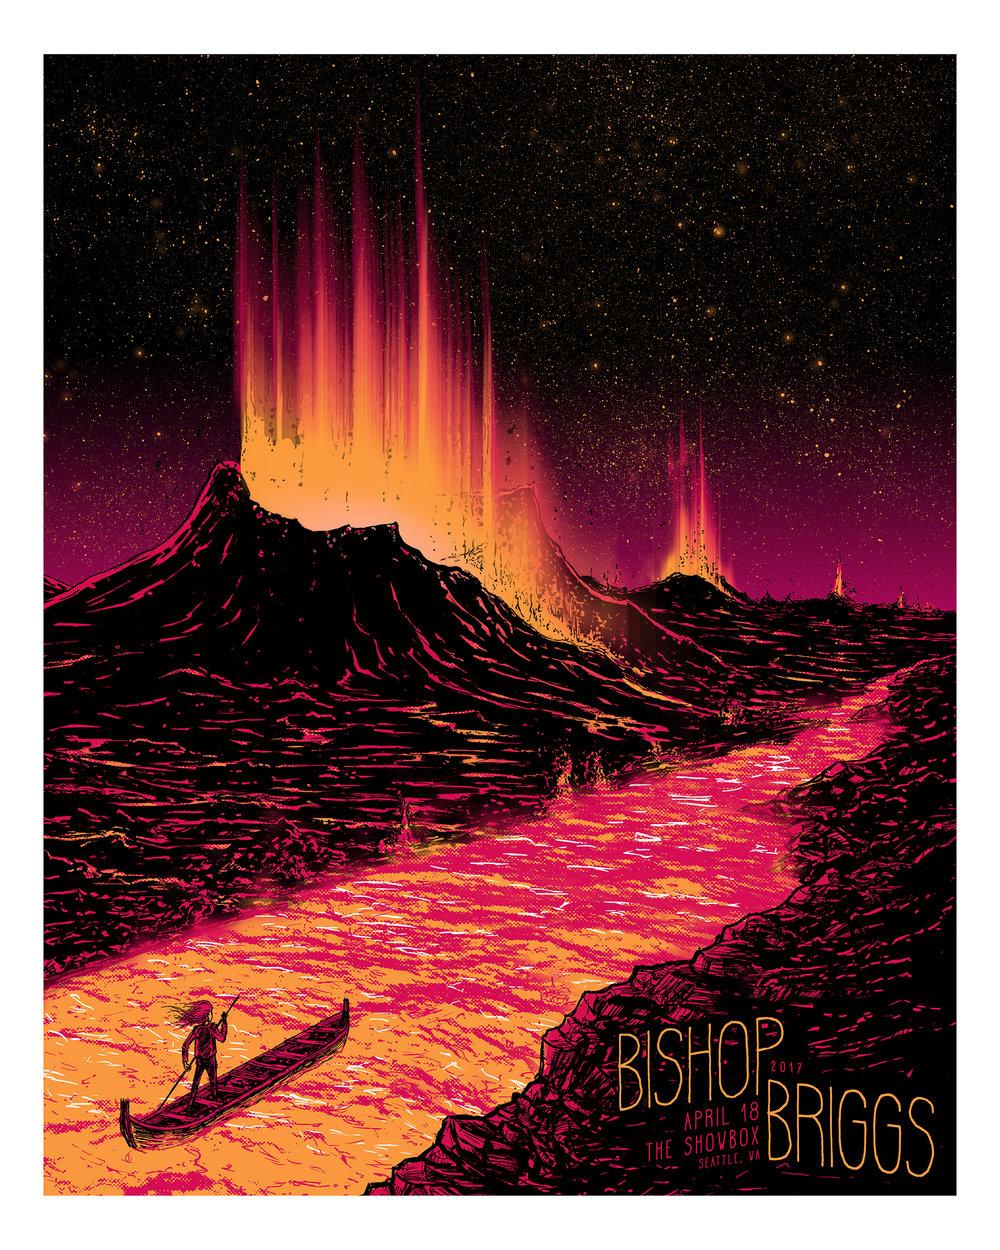 bishop_briggs_barryb2jpg